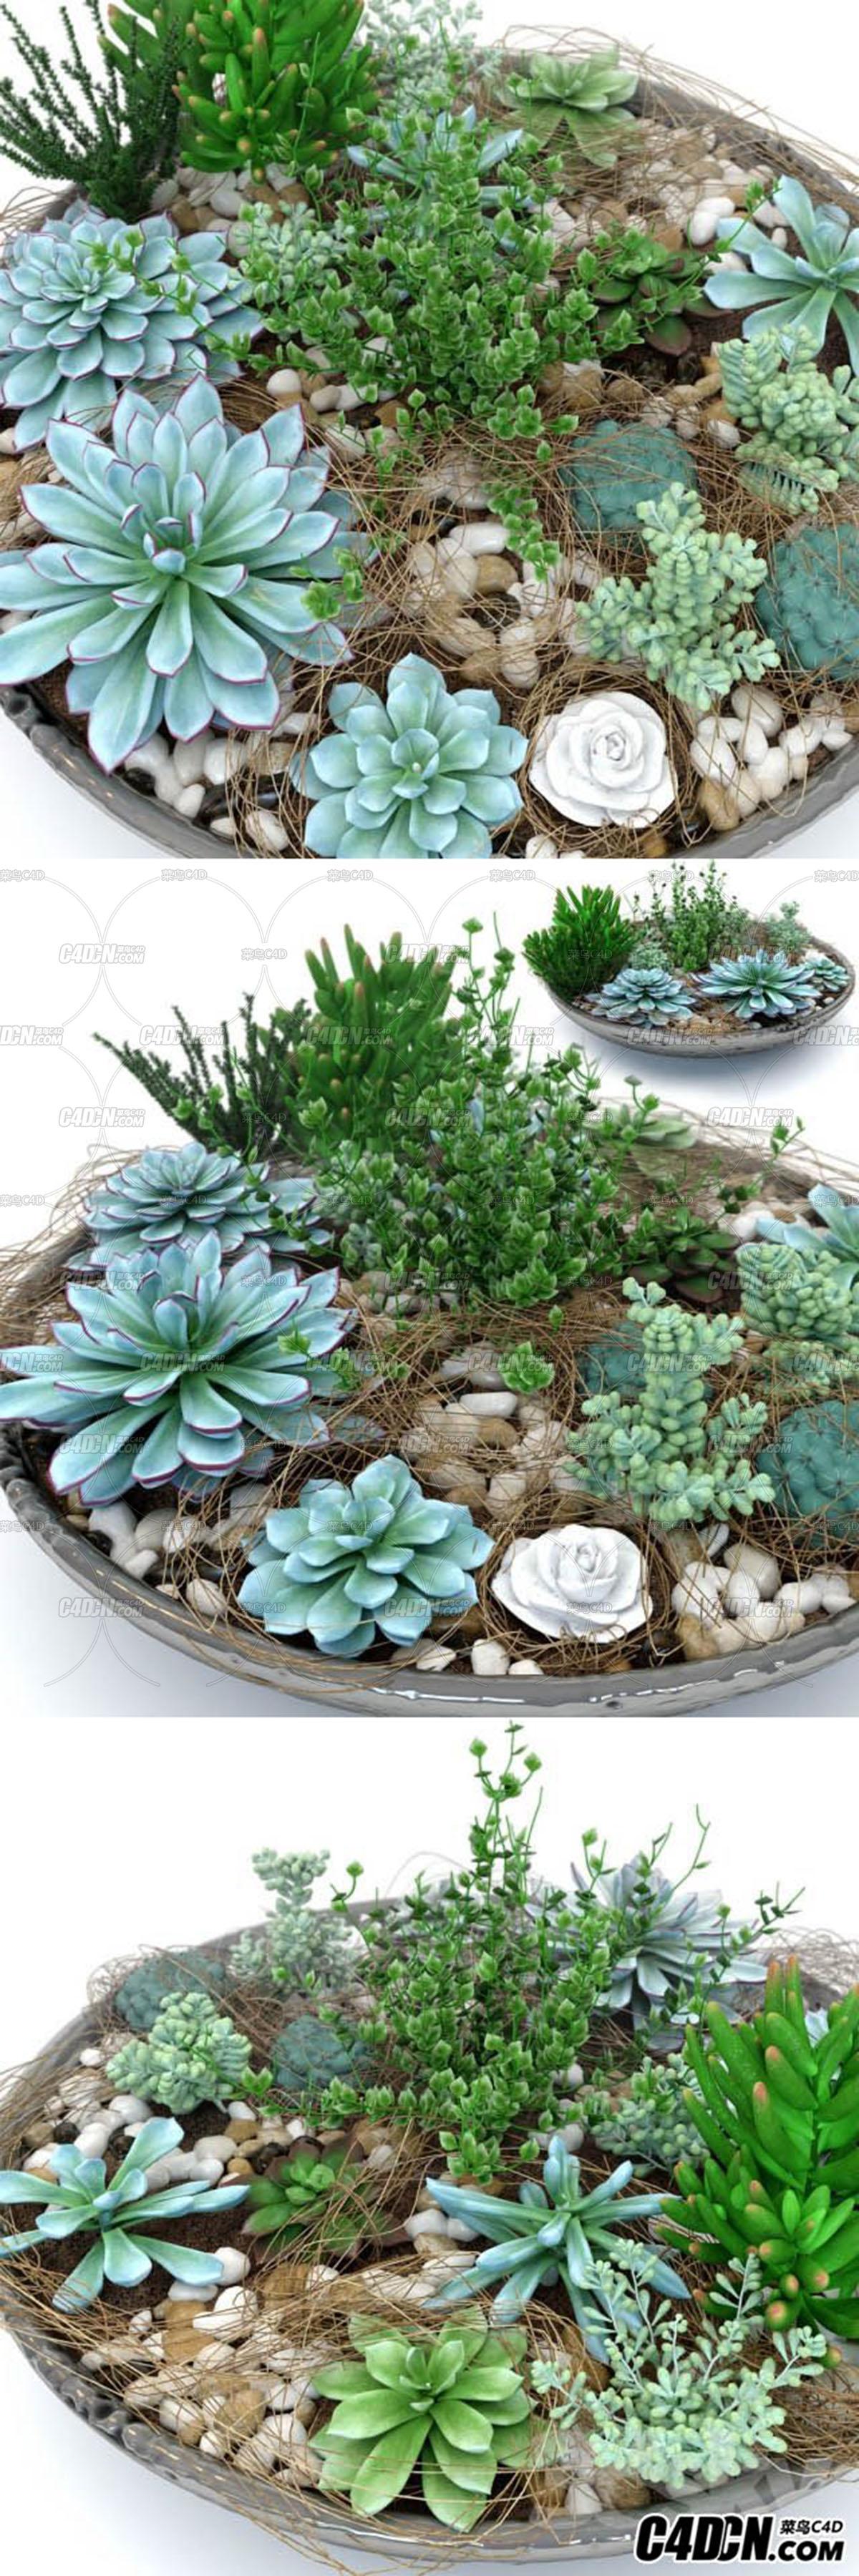 15种多肉植物模型合集